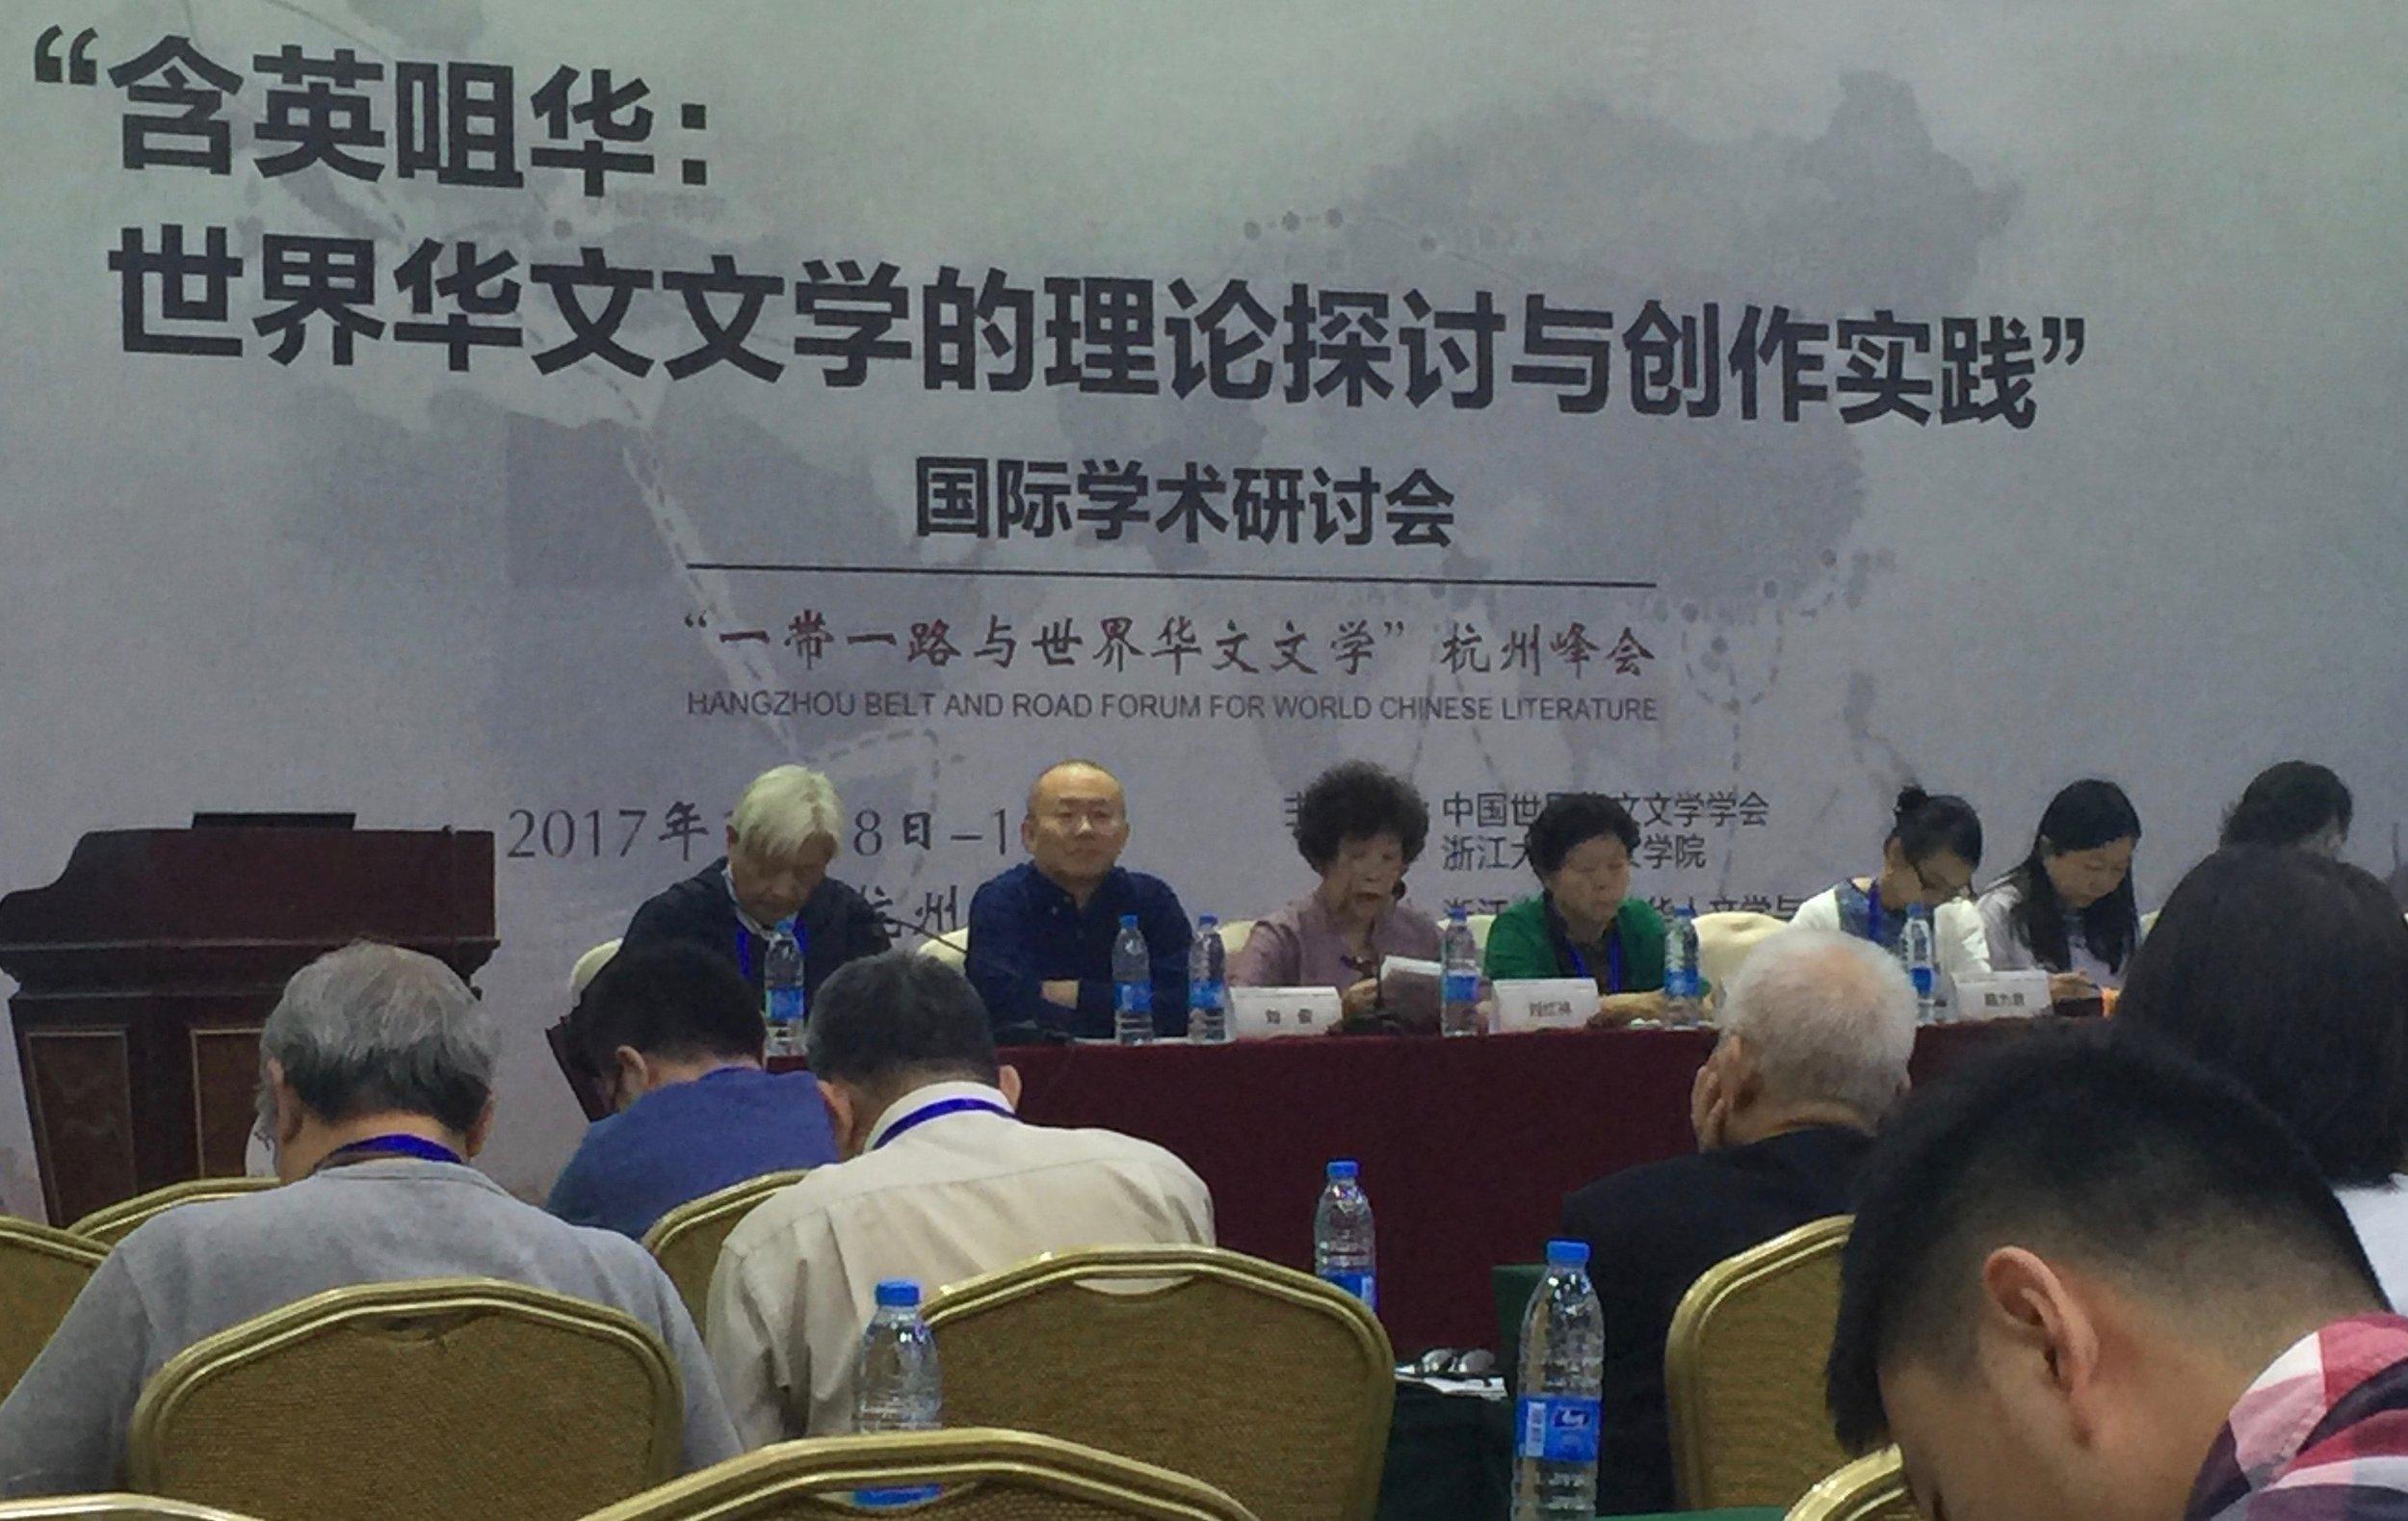 南京大学文学院教授刘俊与多位专家学者对大会宣讲的论文进行讲评。